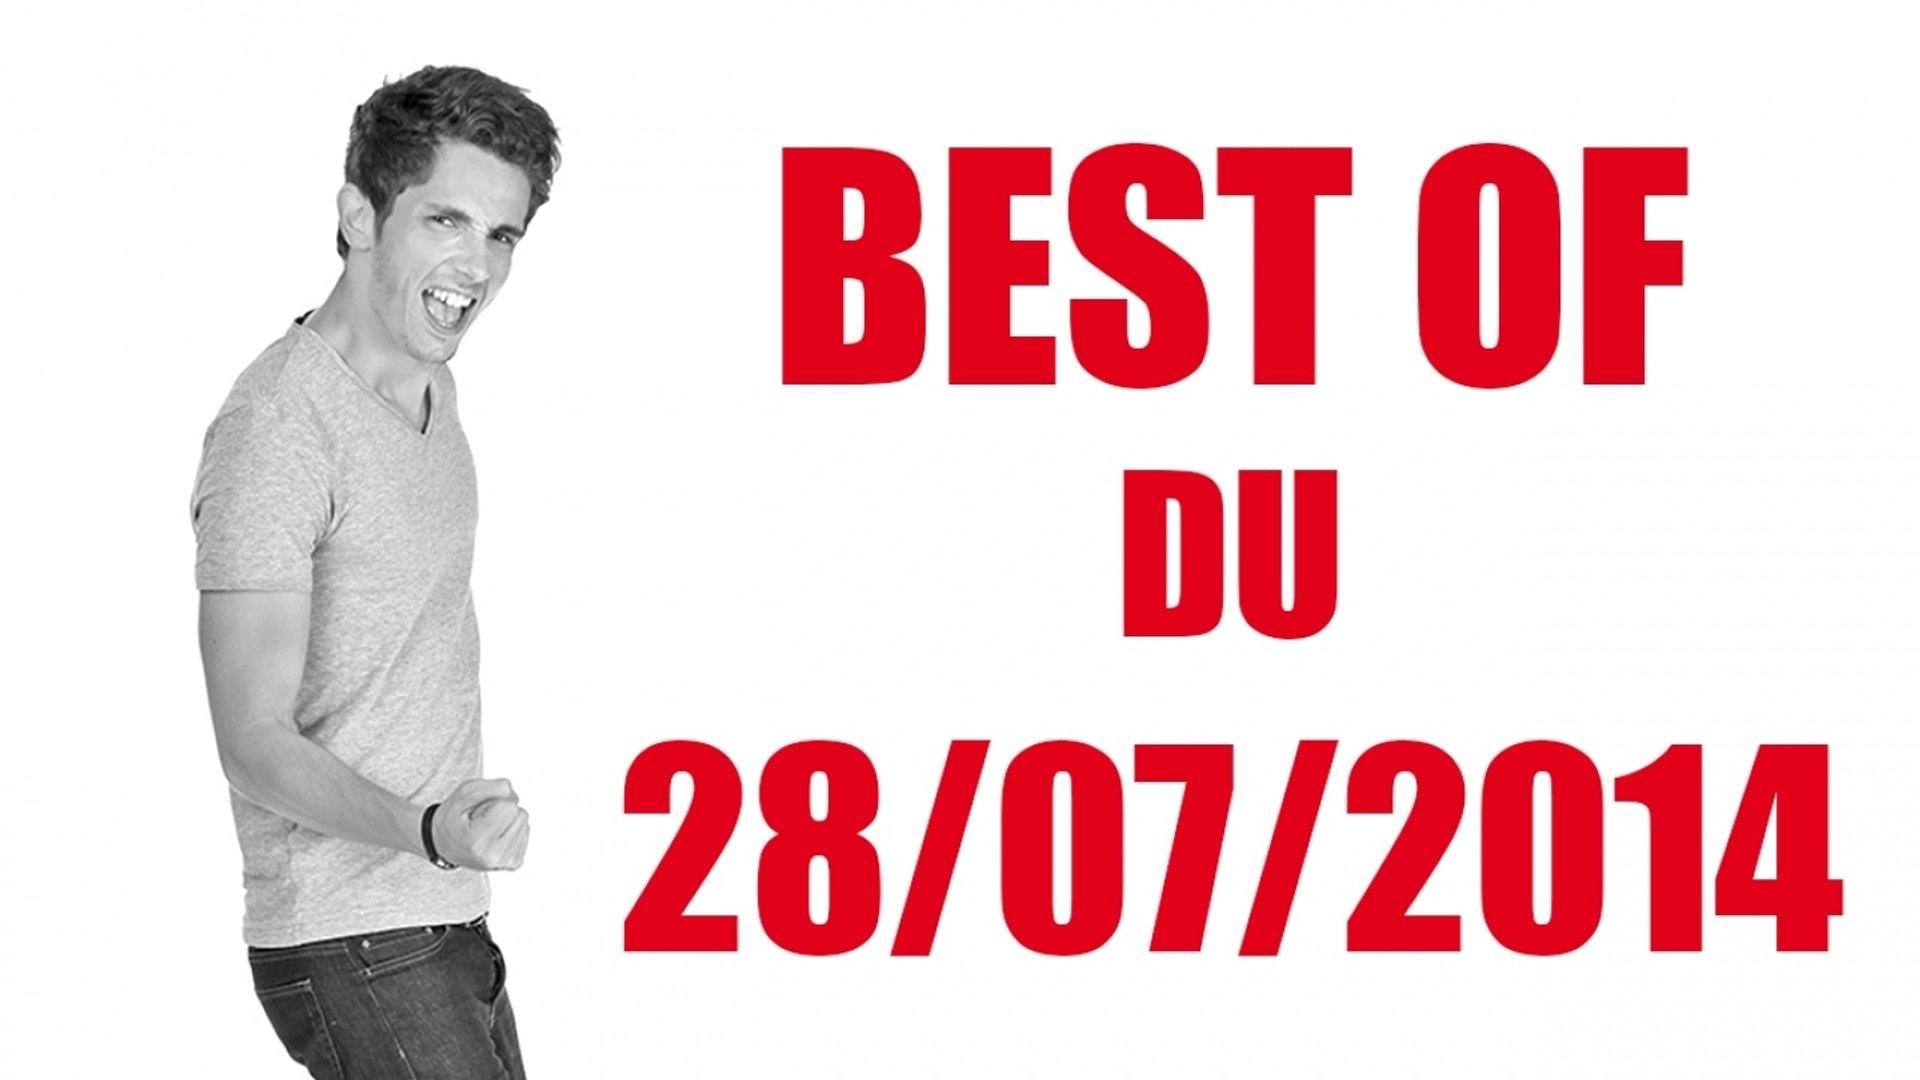 Best of vidéo Guillaume Radio 2.0 sur NRJ du 28/07/2014